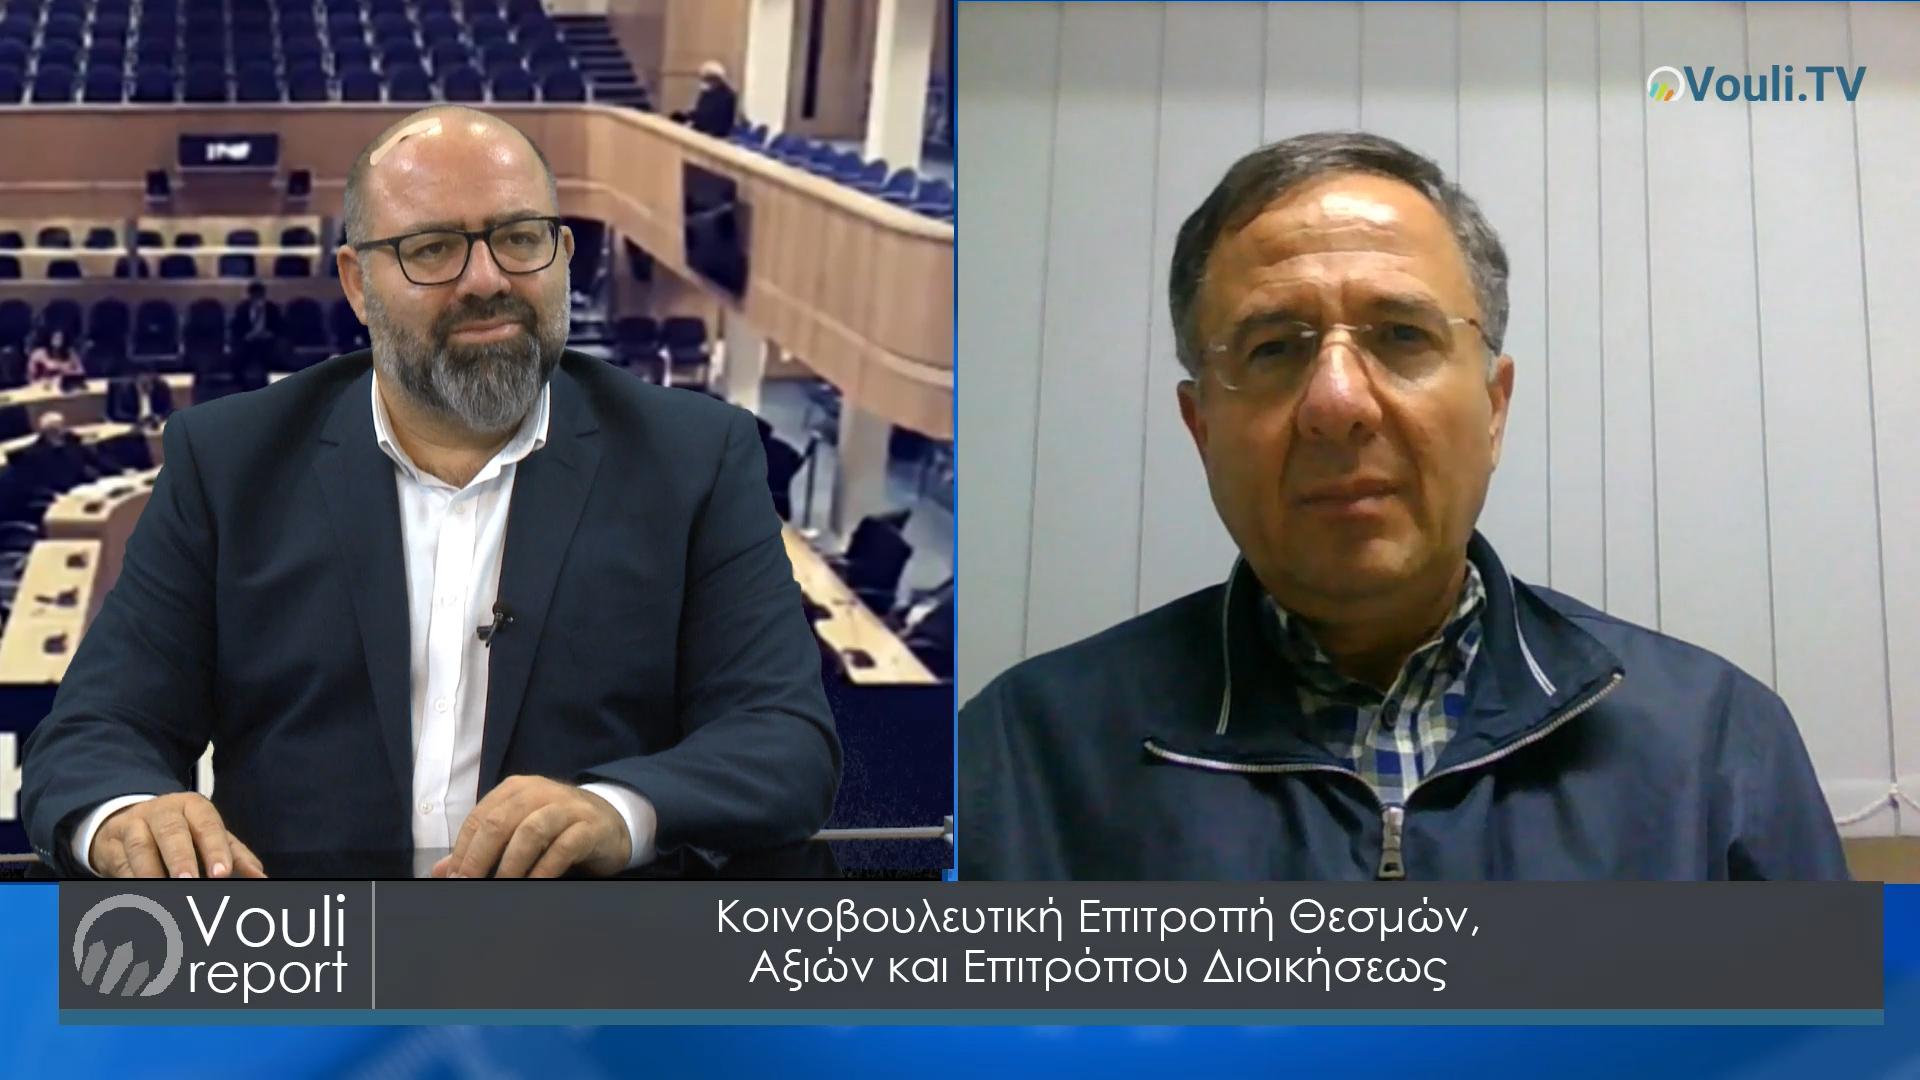 Vouli report - 02/12/2020   Κοινοβουλευτική Επιτροπή Θεσμών, Αξιών και Επιτρόπου Διοικήσεως